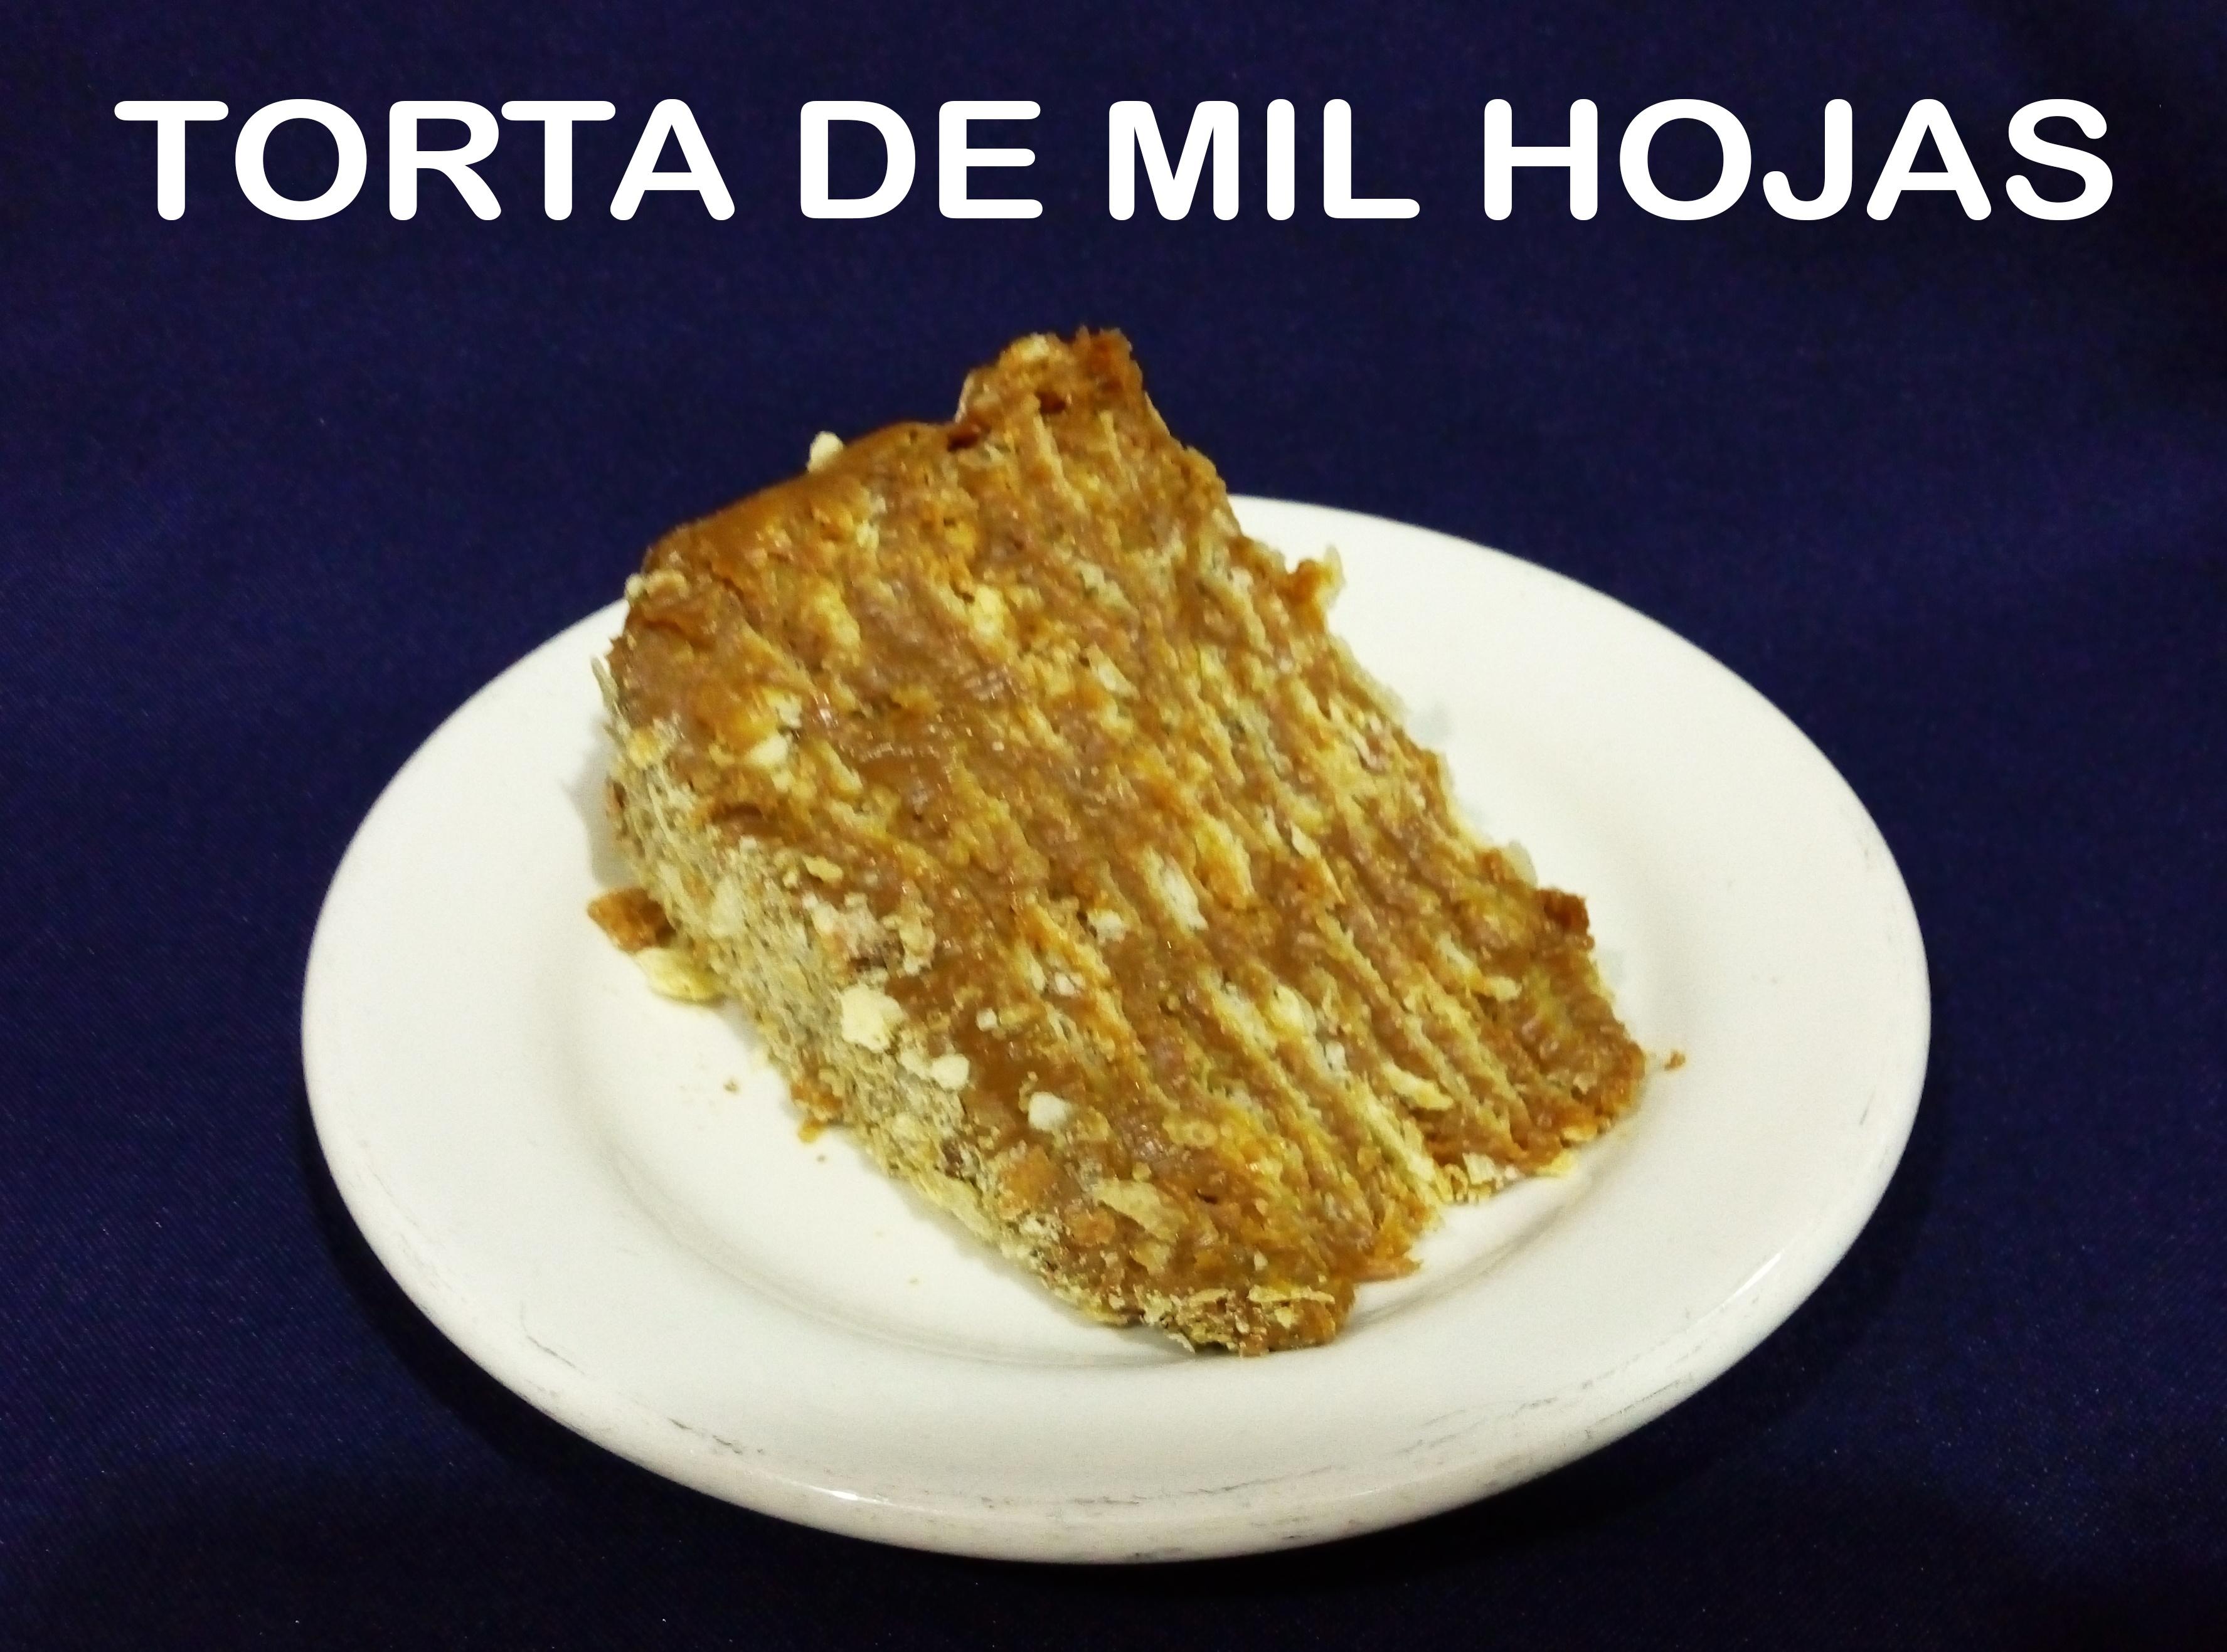 https://0201.nccdn.net/1_2/000/000/111/9f1/torta-de-mil-hojas-3550x2634.jpg